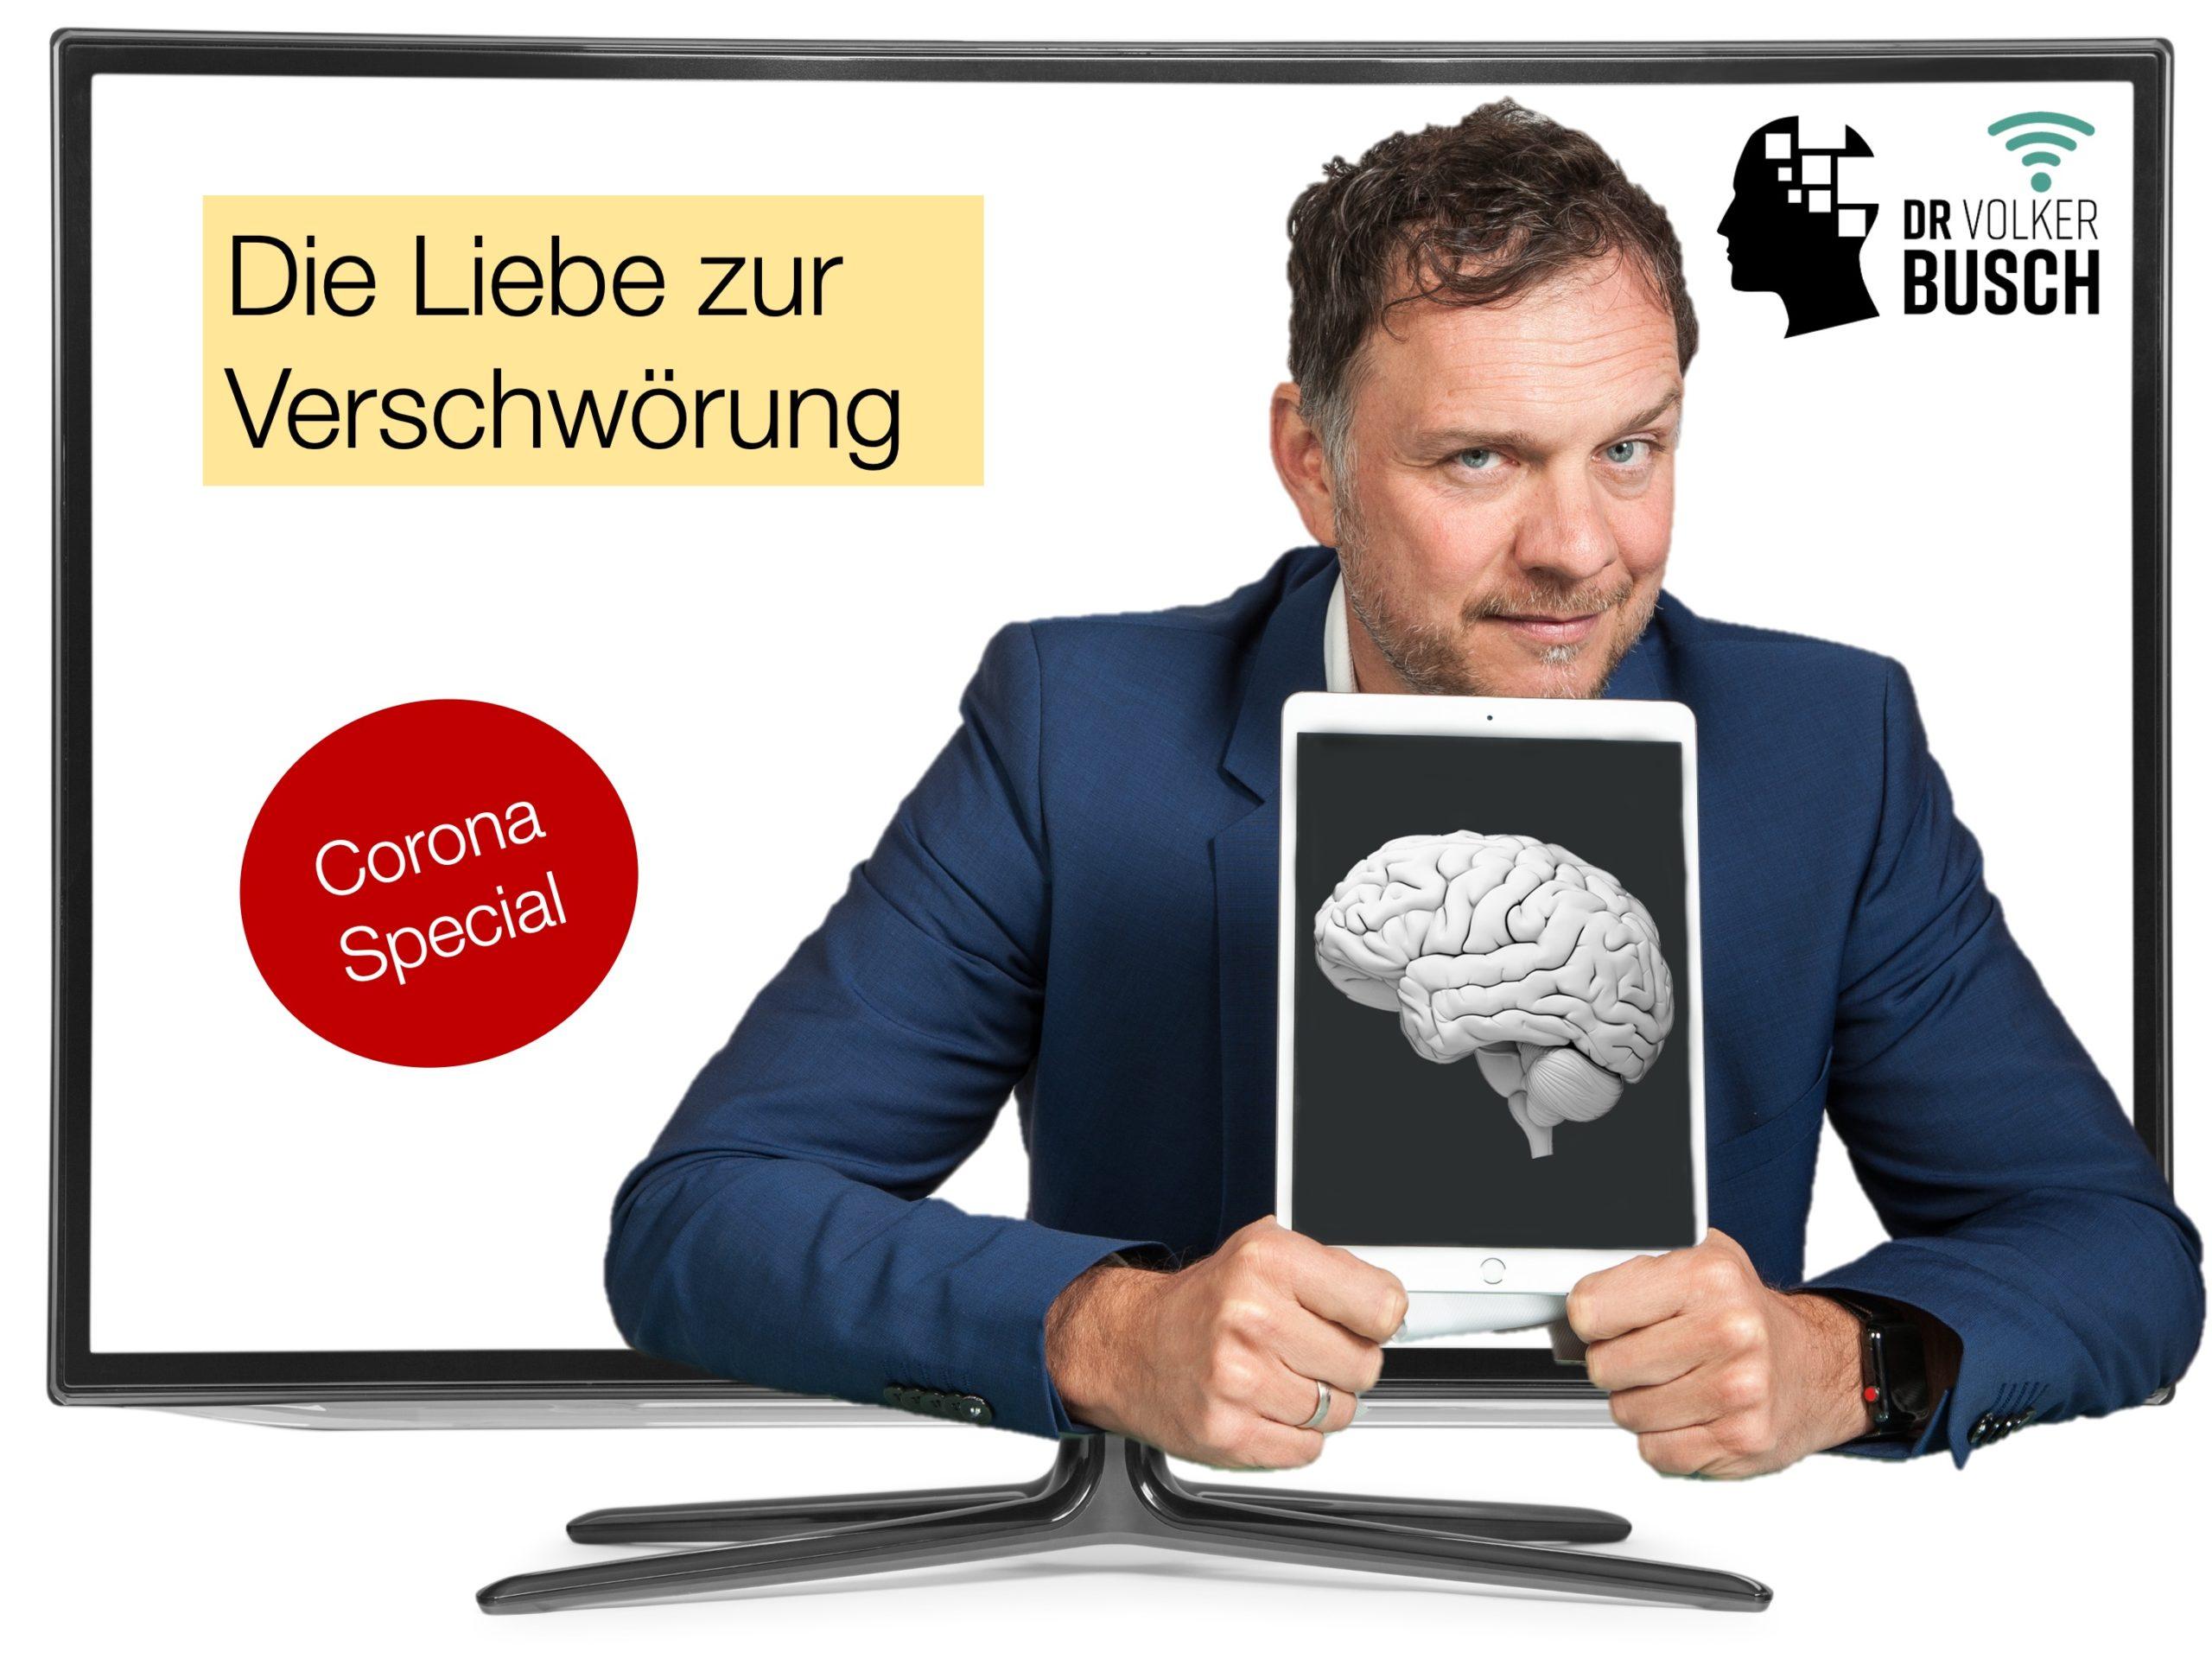 Corona Special: Die Liebe zur Verschwörung - Dr. Volker Busch